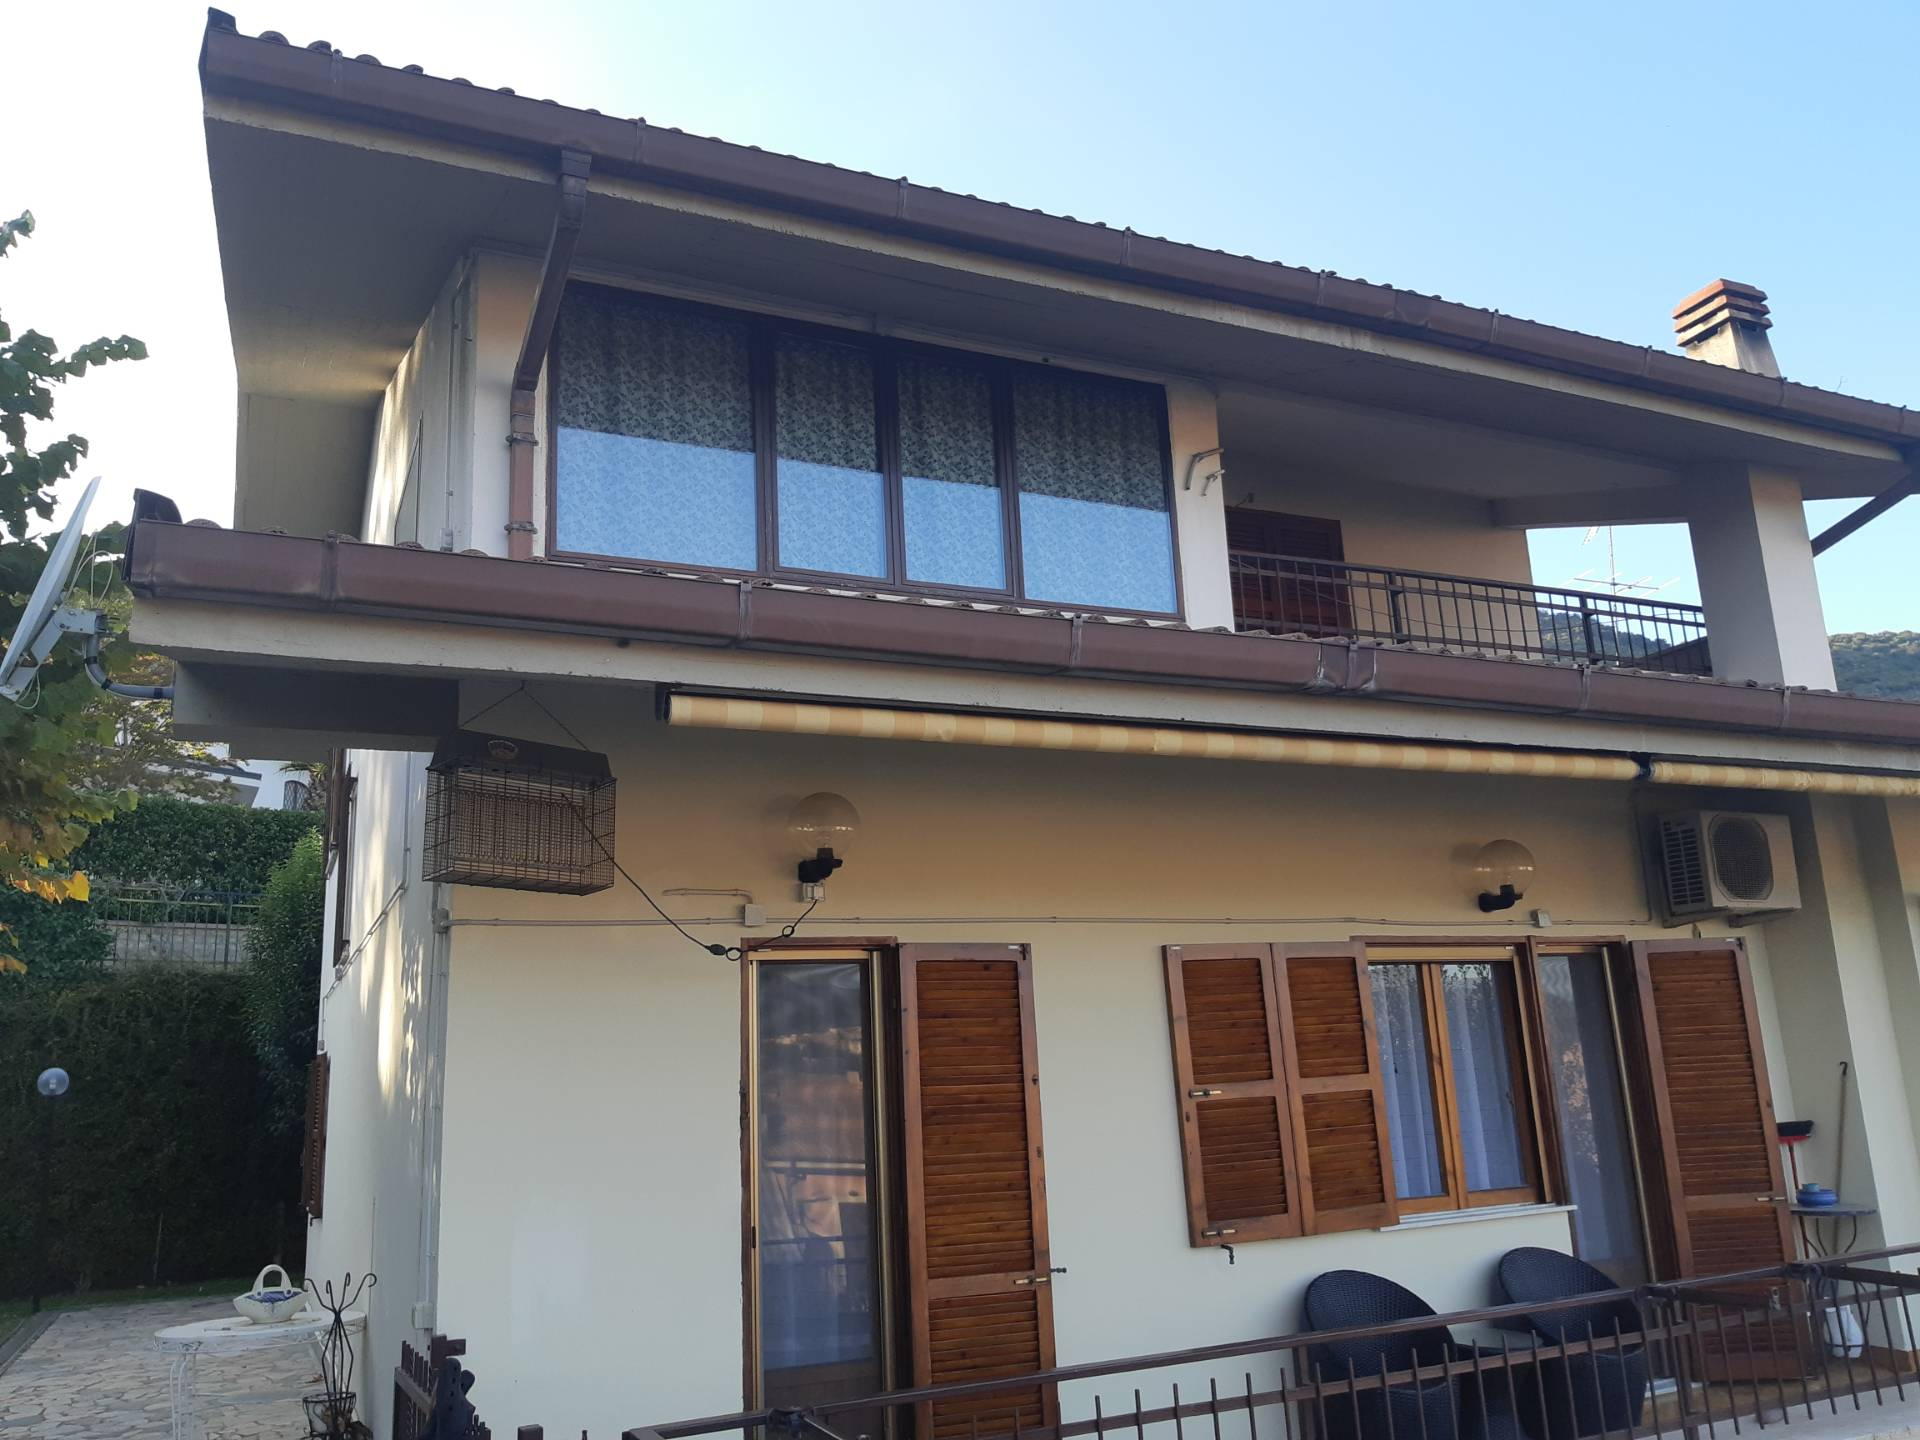 Villa in vendita a San Polo dei Cavalieri, 5 locali, prezzo € 450.000 | CambioCasa.it